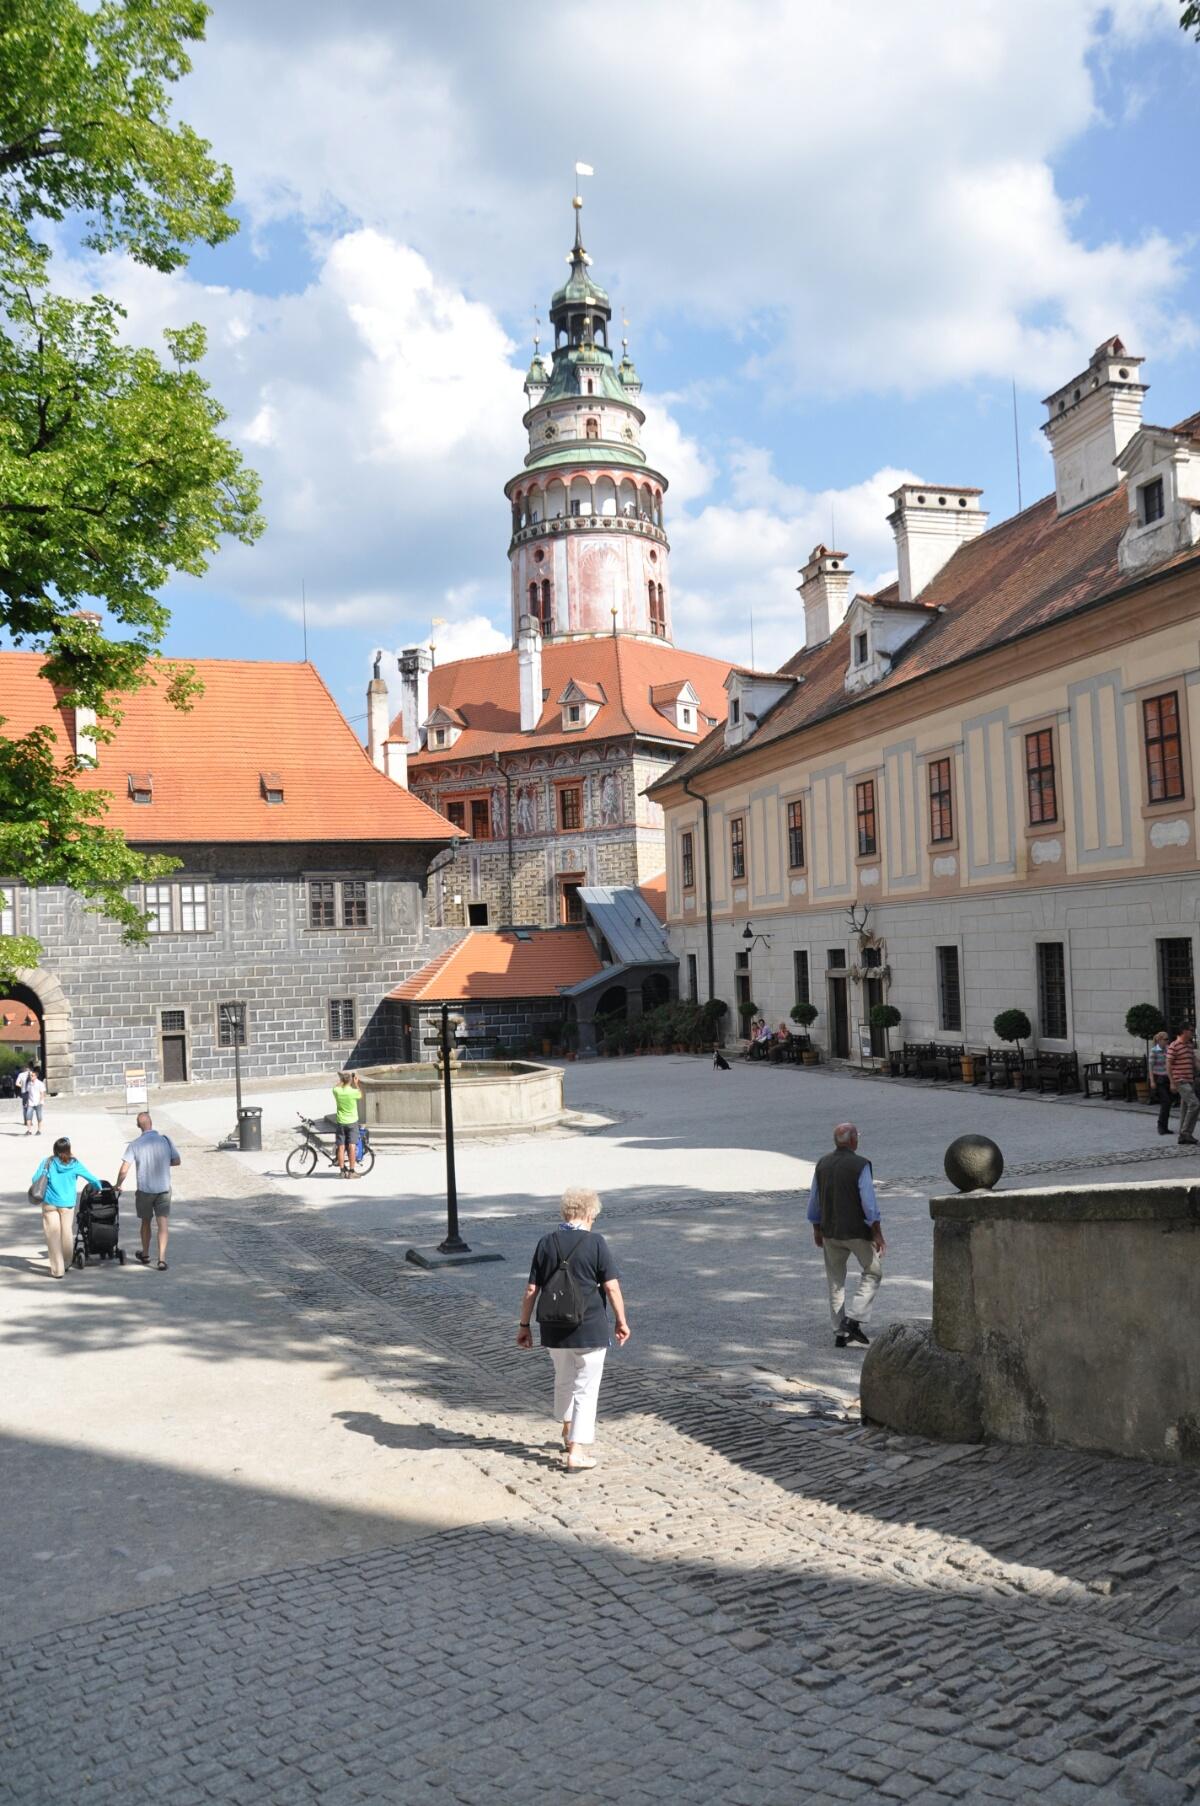 Внутренний двор Нижнего замка в Чески Крумлове